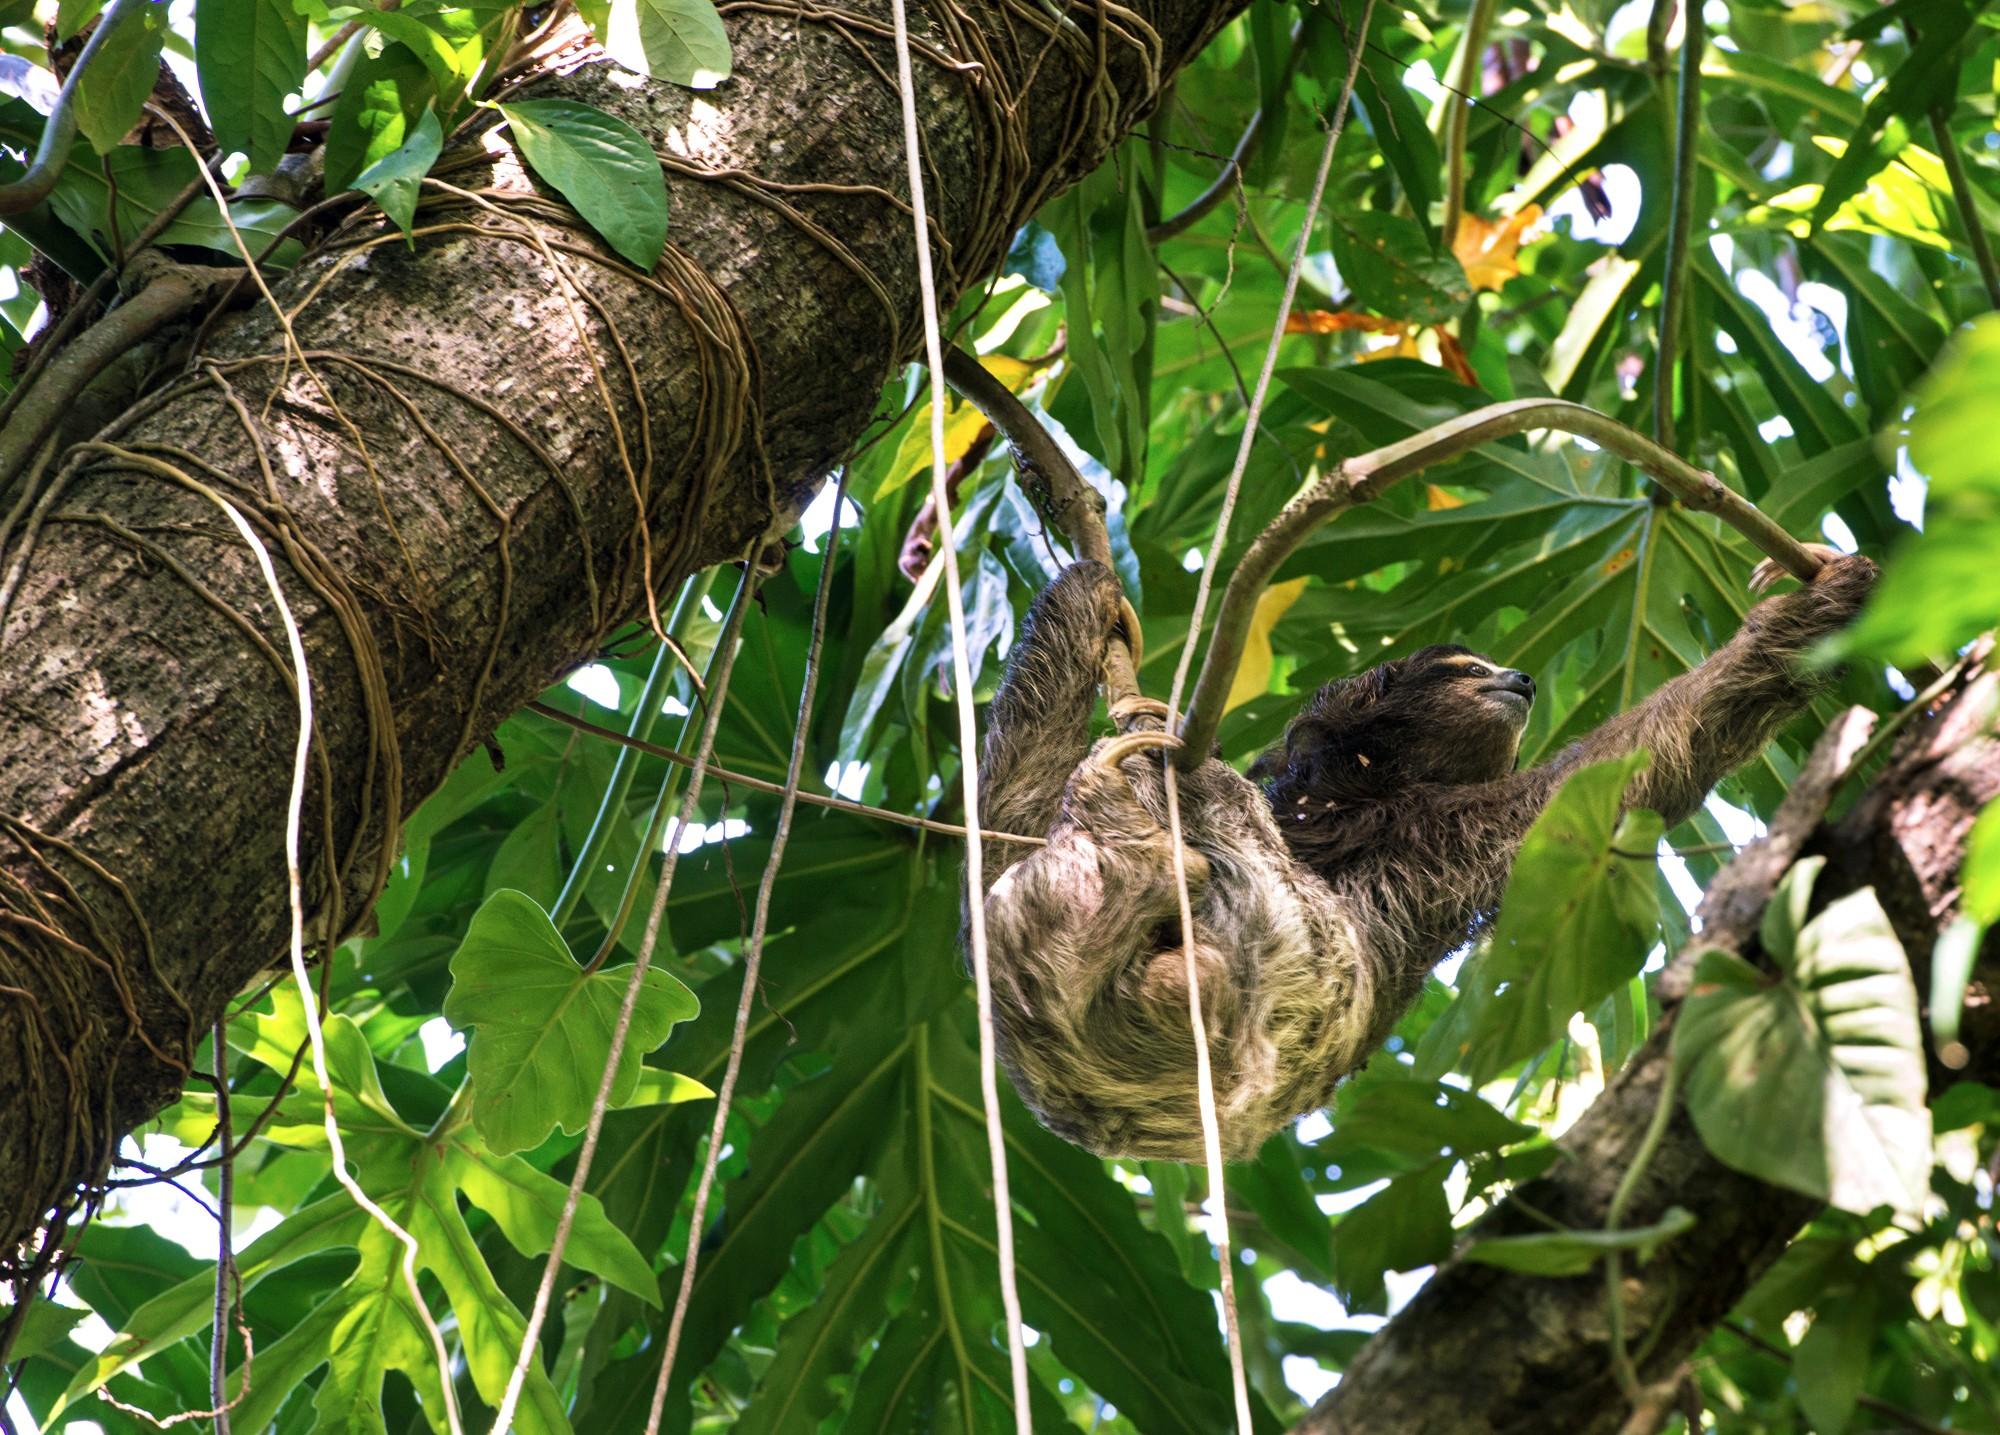 Ленивец в национальном парке недалеко от городка Кауита в Коста-Рике.